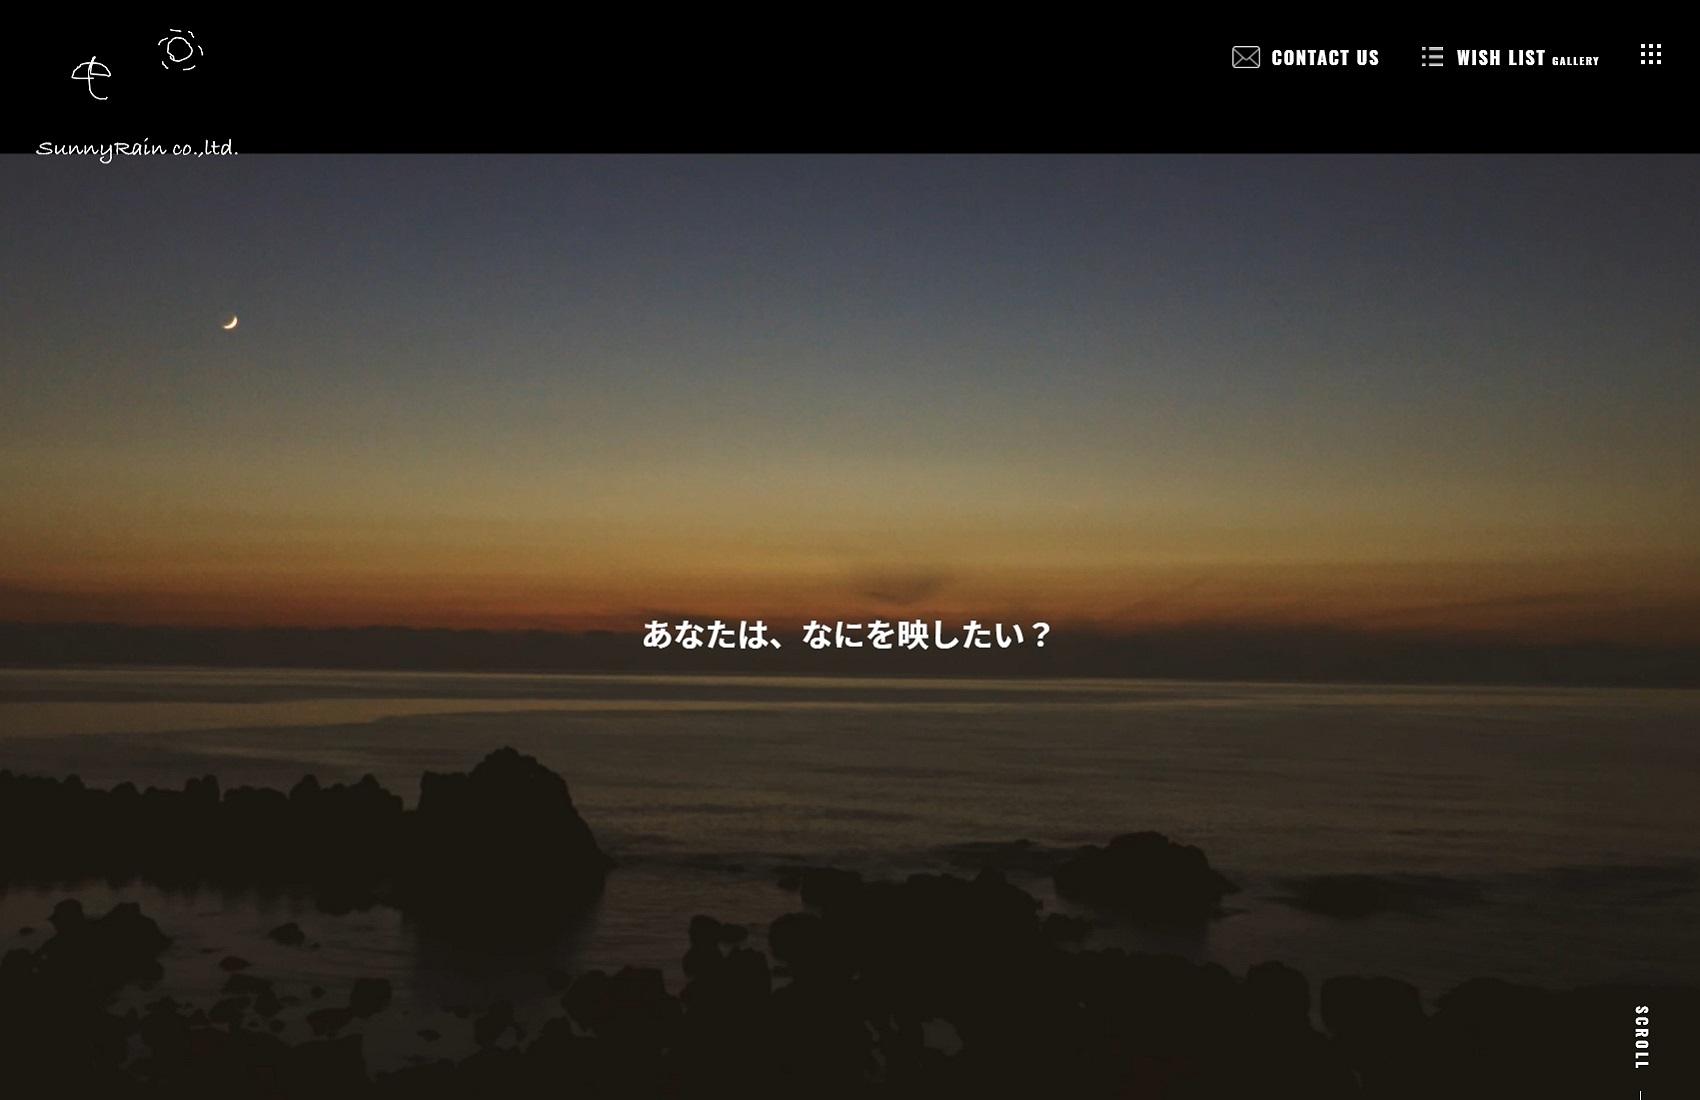 contents-website-4